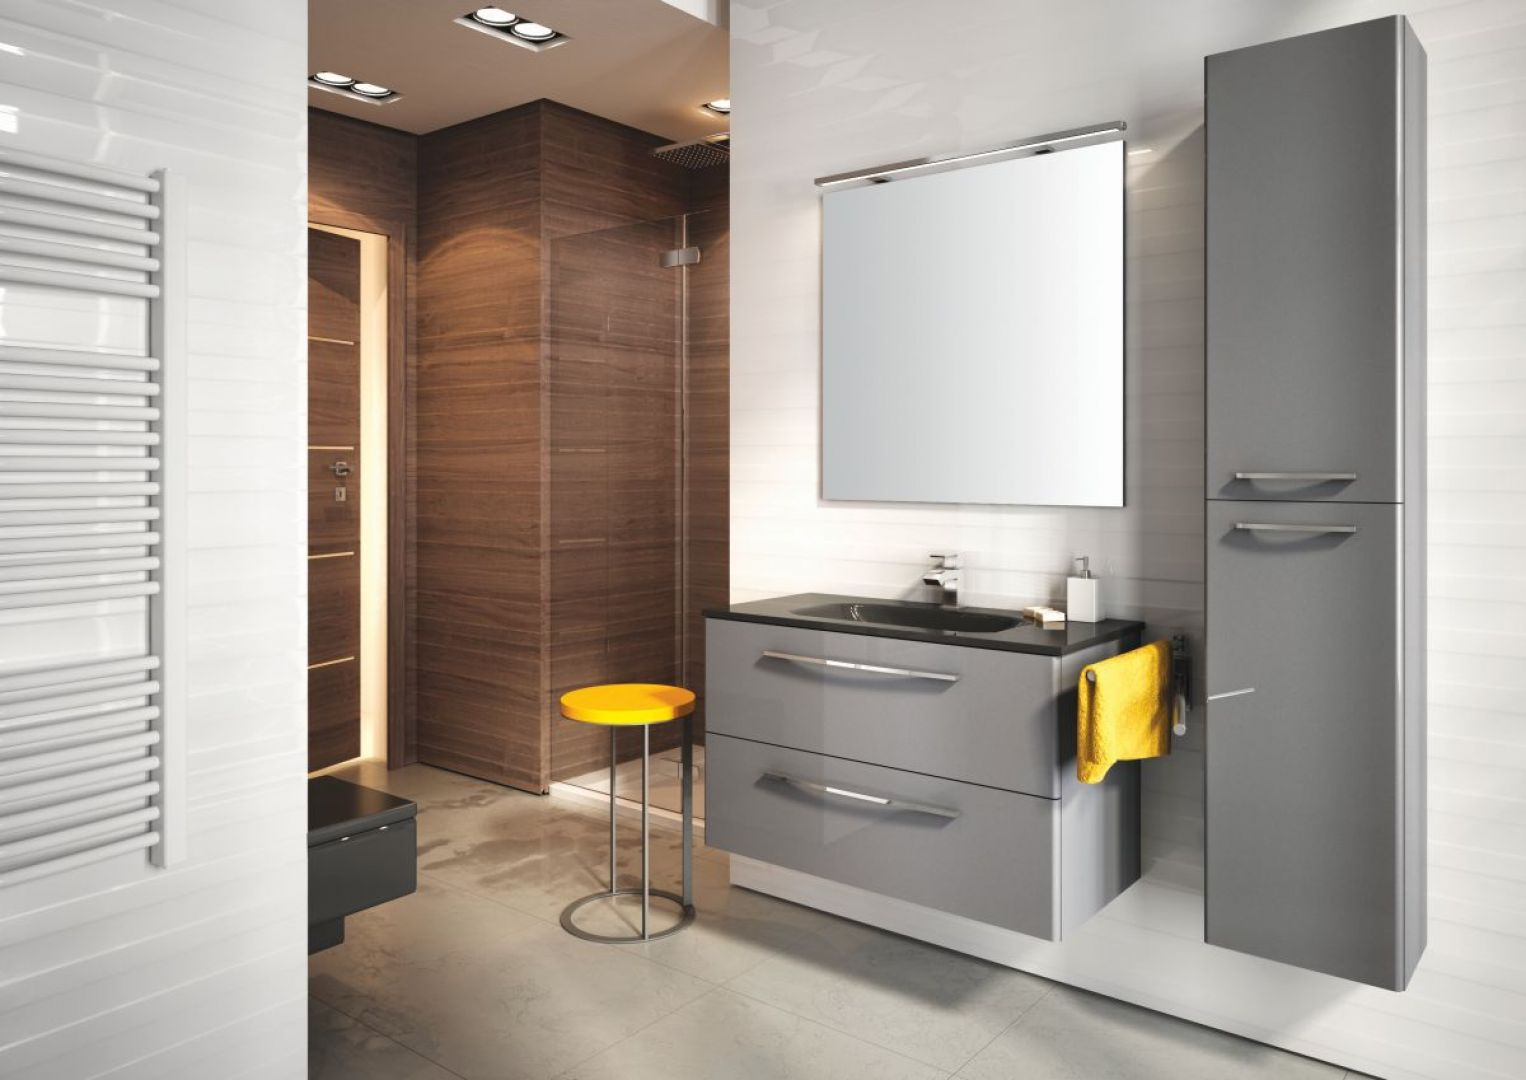 Meble łazienkowe na wysoki połysk z kolekcji Jump firmy Elita. Fot. Elita